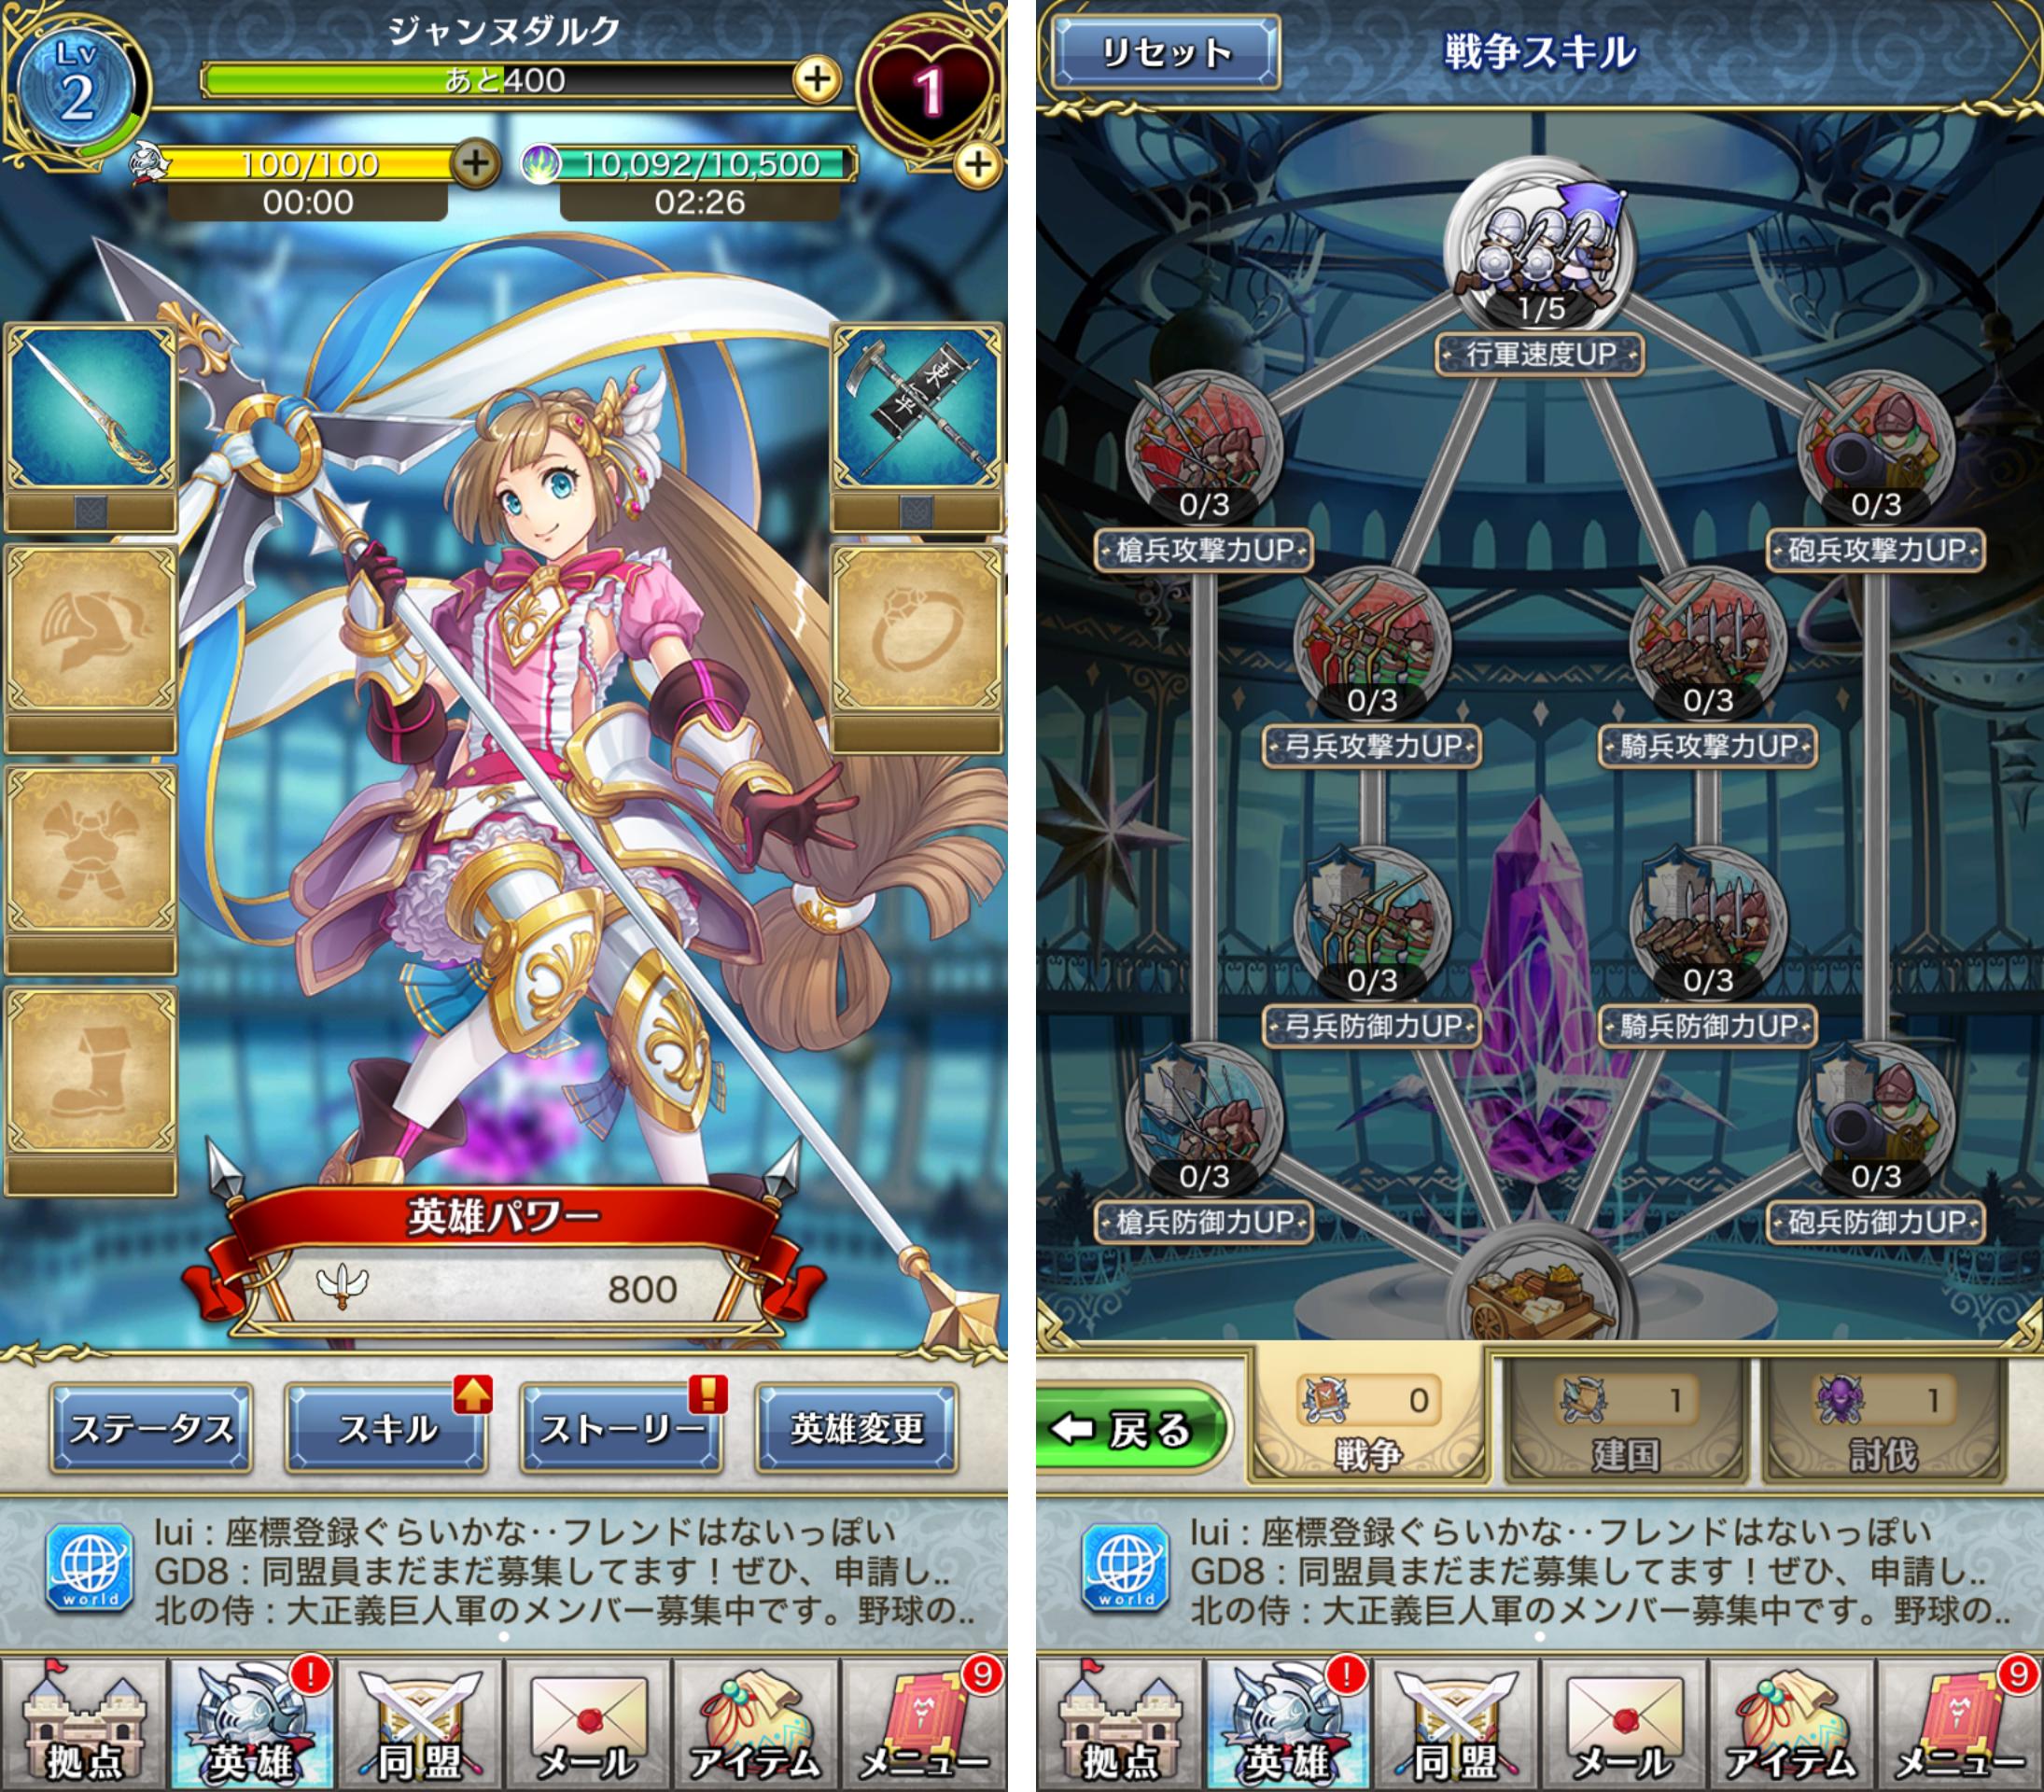 クリスタル オブ リユニオン(クリユニ) androidアプリスクリーンショット3